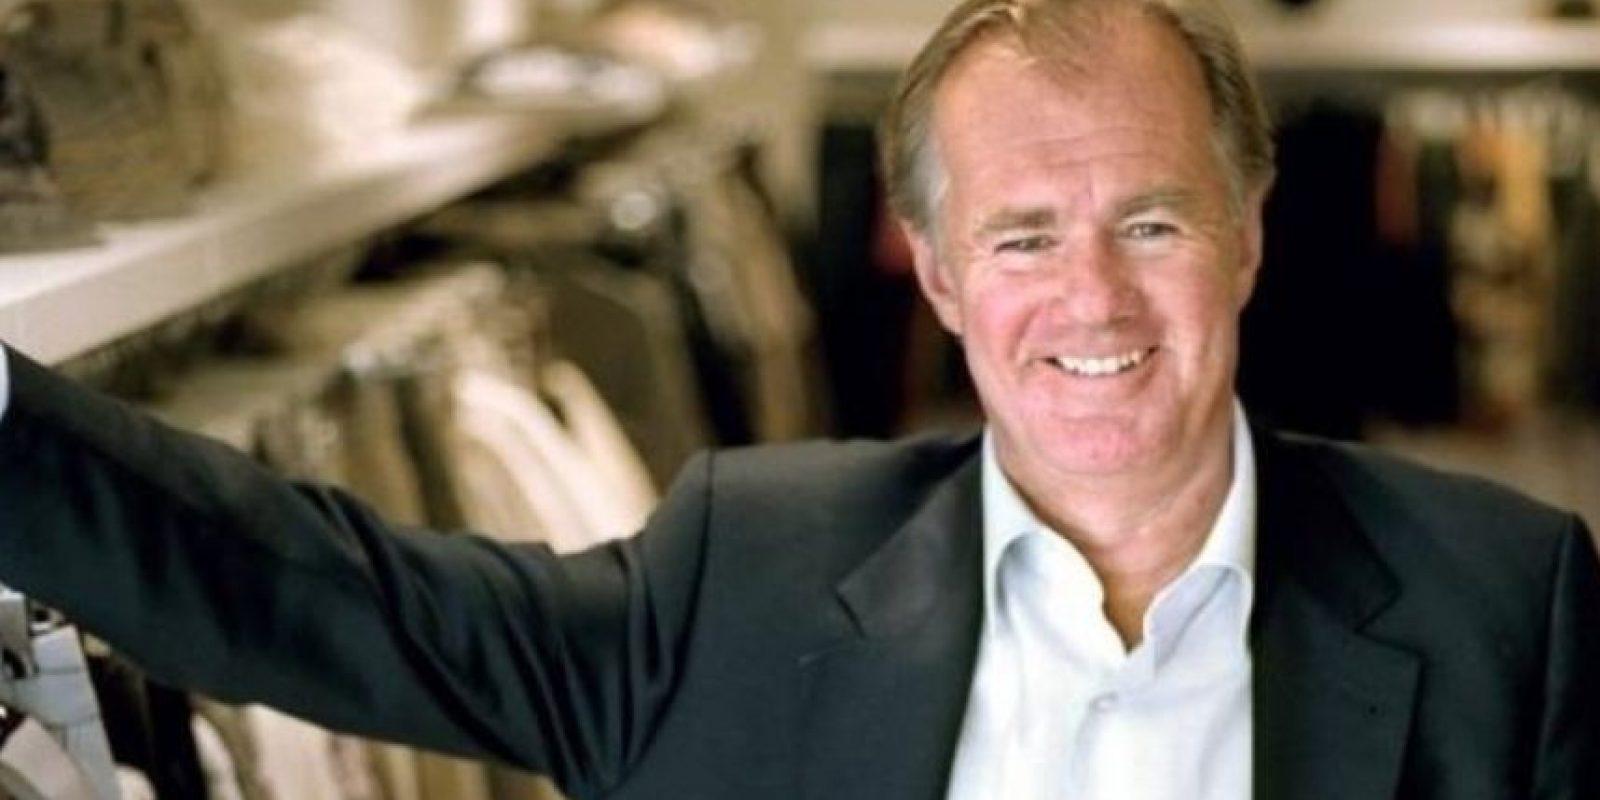 El empresario sueco es el principal accionista del Grupo Hennes & Mauritz (H&M). Foto:Pinterest